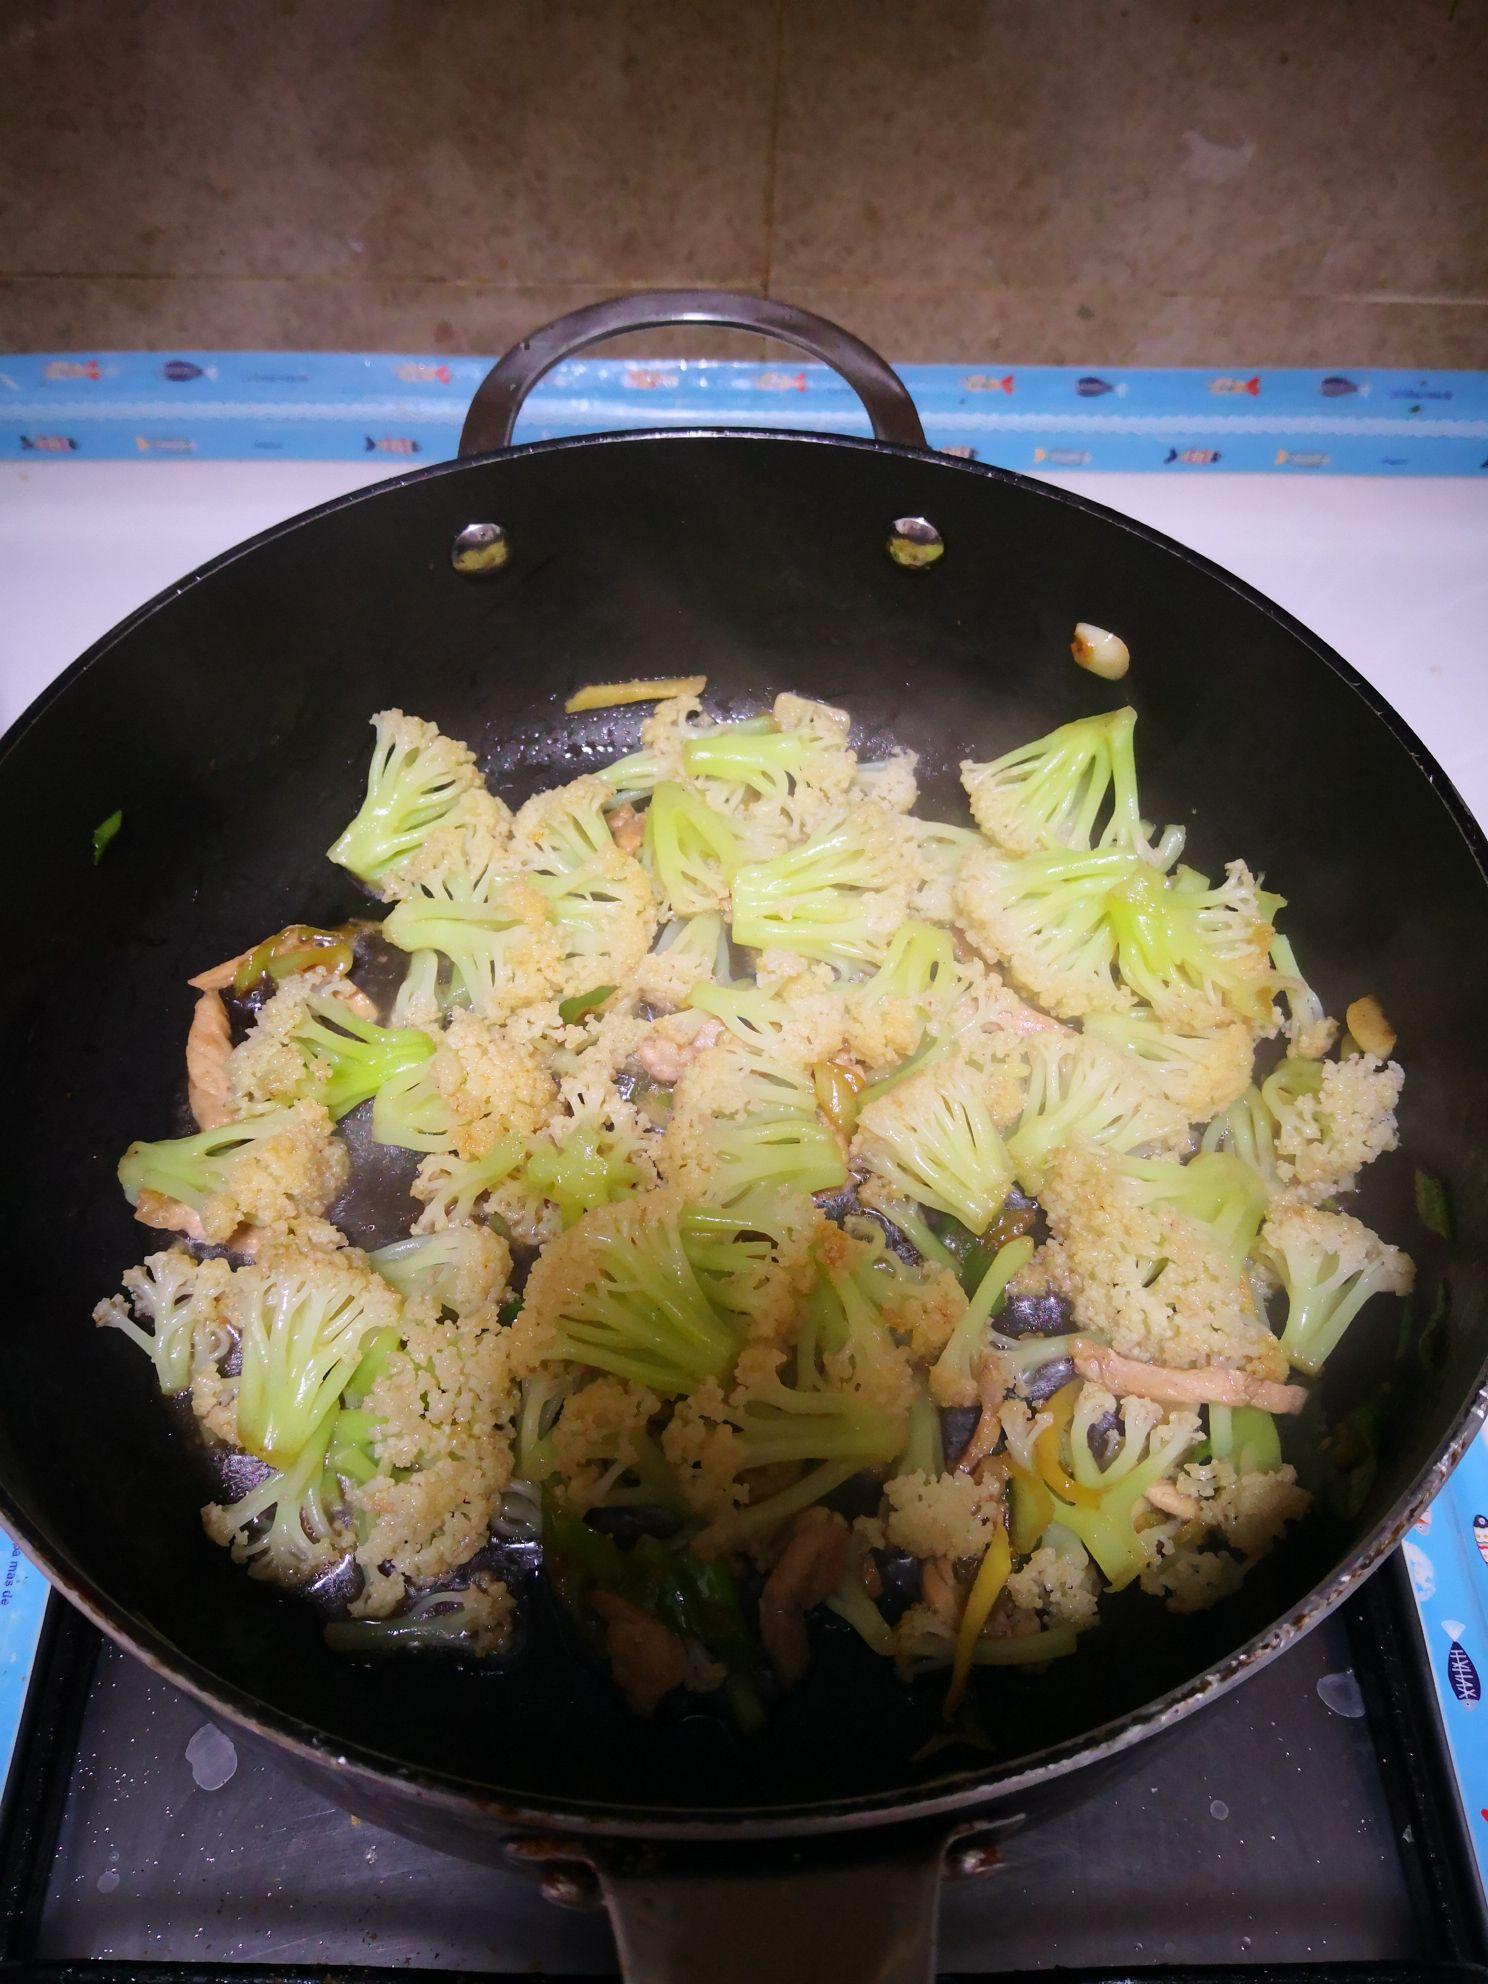 肉丝炒有机菜花怎么炒